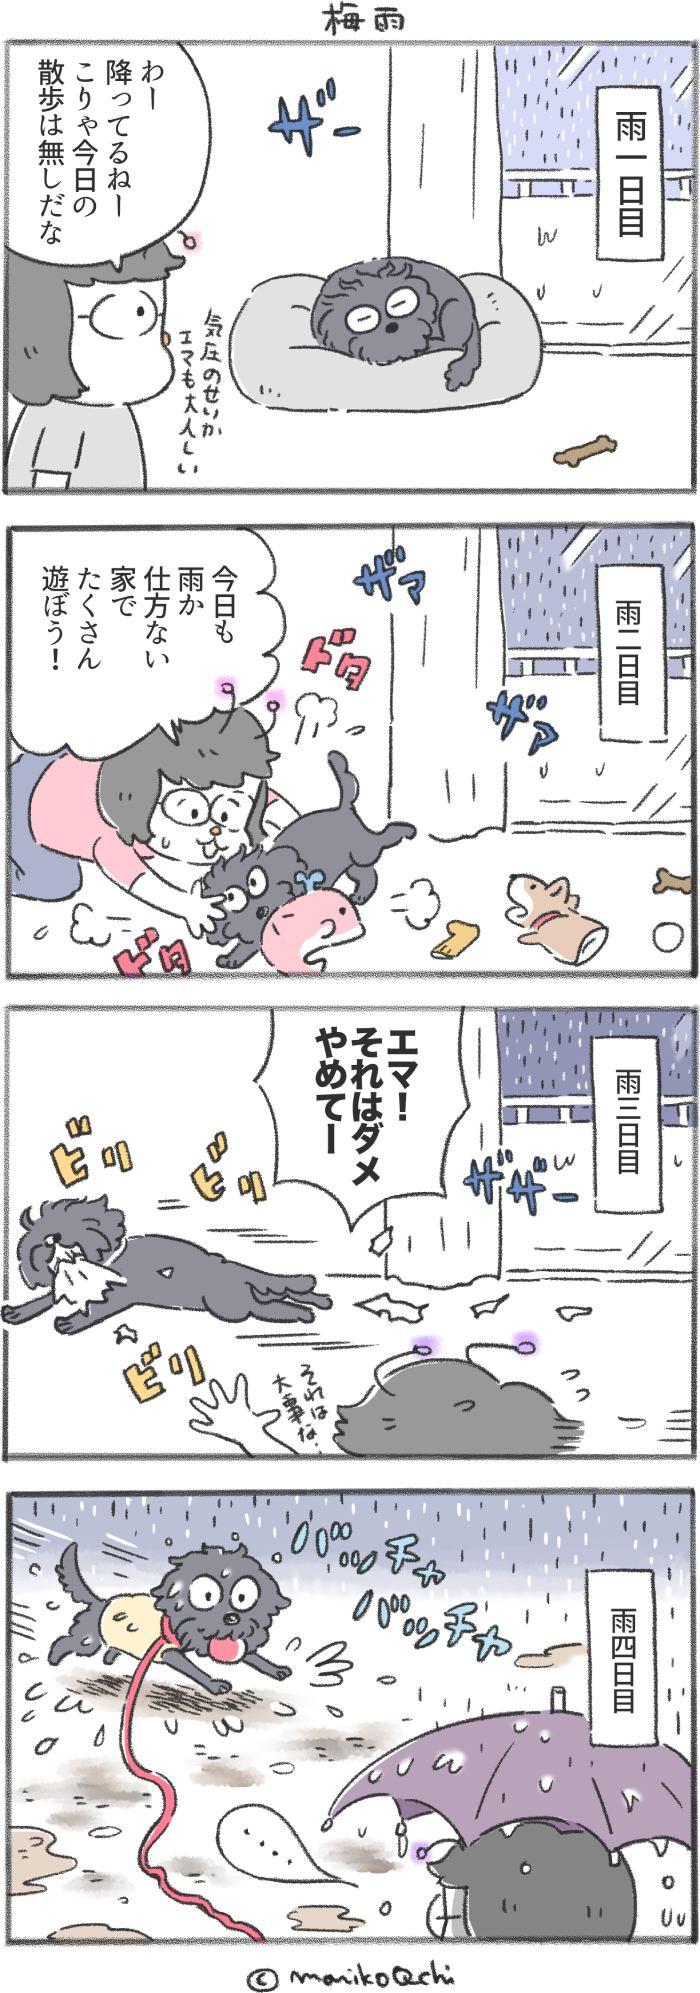 犬と暮らせば【第194話】